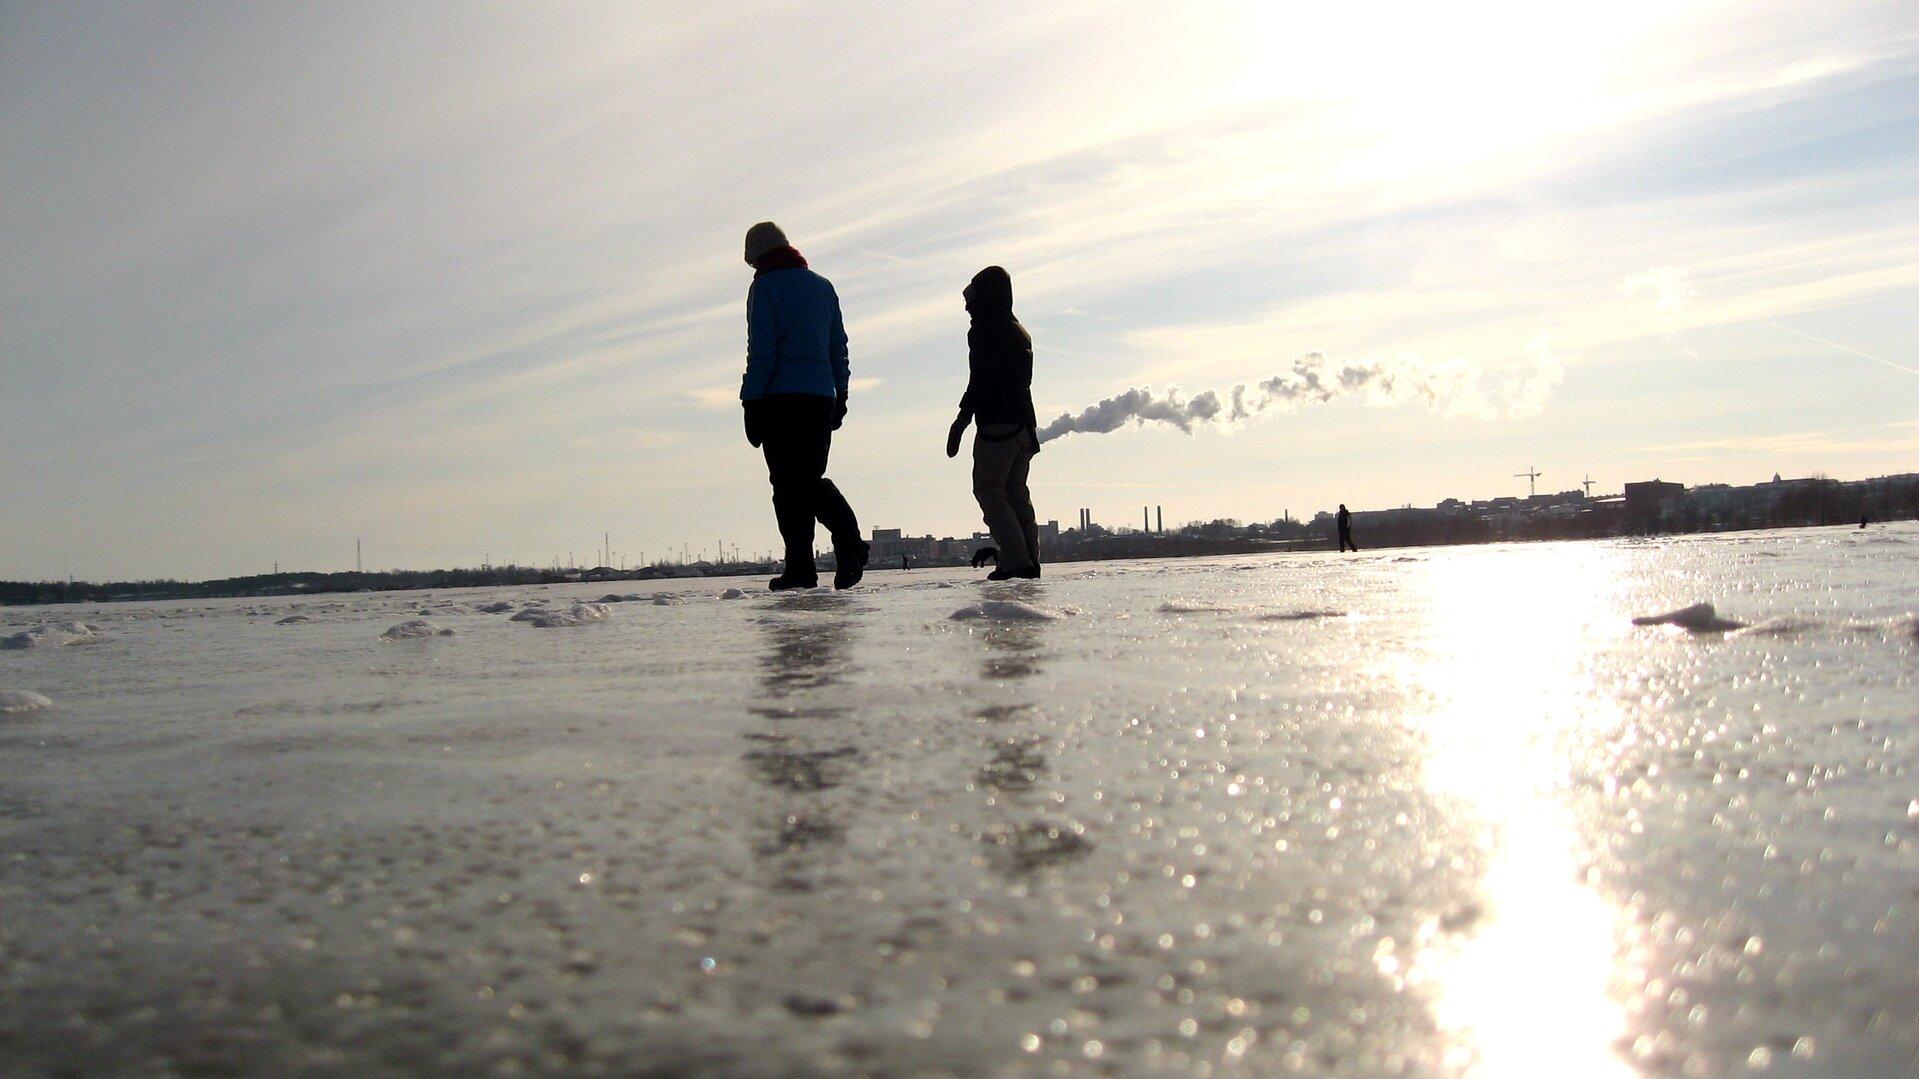 Kolorowe zdjęcia przedstawia dwie osoby spacerujące po lodzie. Słoneczny zimowy dzień. Dół zdjęcia to zamarznięta powierzchnia jeziora. Szarawy lód ochropowatej powierzchni. Na środku zdjęcia dwie osoby wciepłych ubraniach spacerują wlewo. Na linii horyzontu budynki miasta. Zkomina wydobywa się dym. Niebo szarawe.